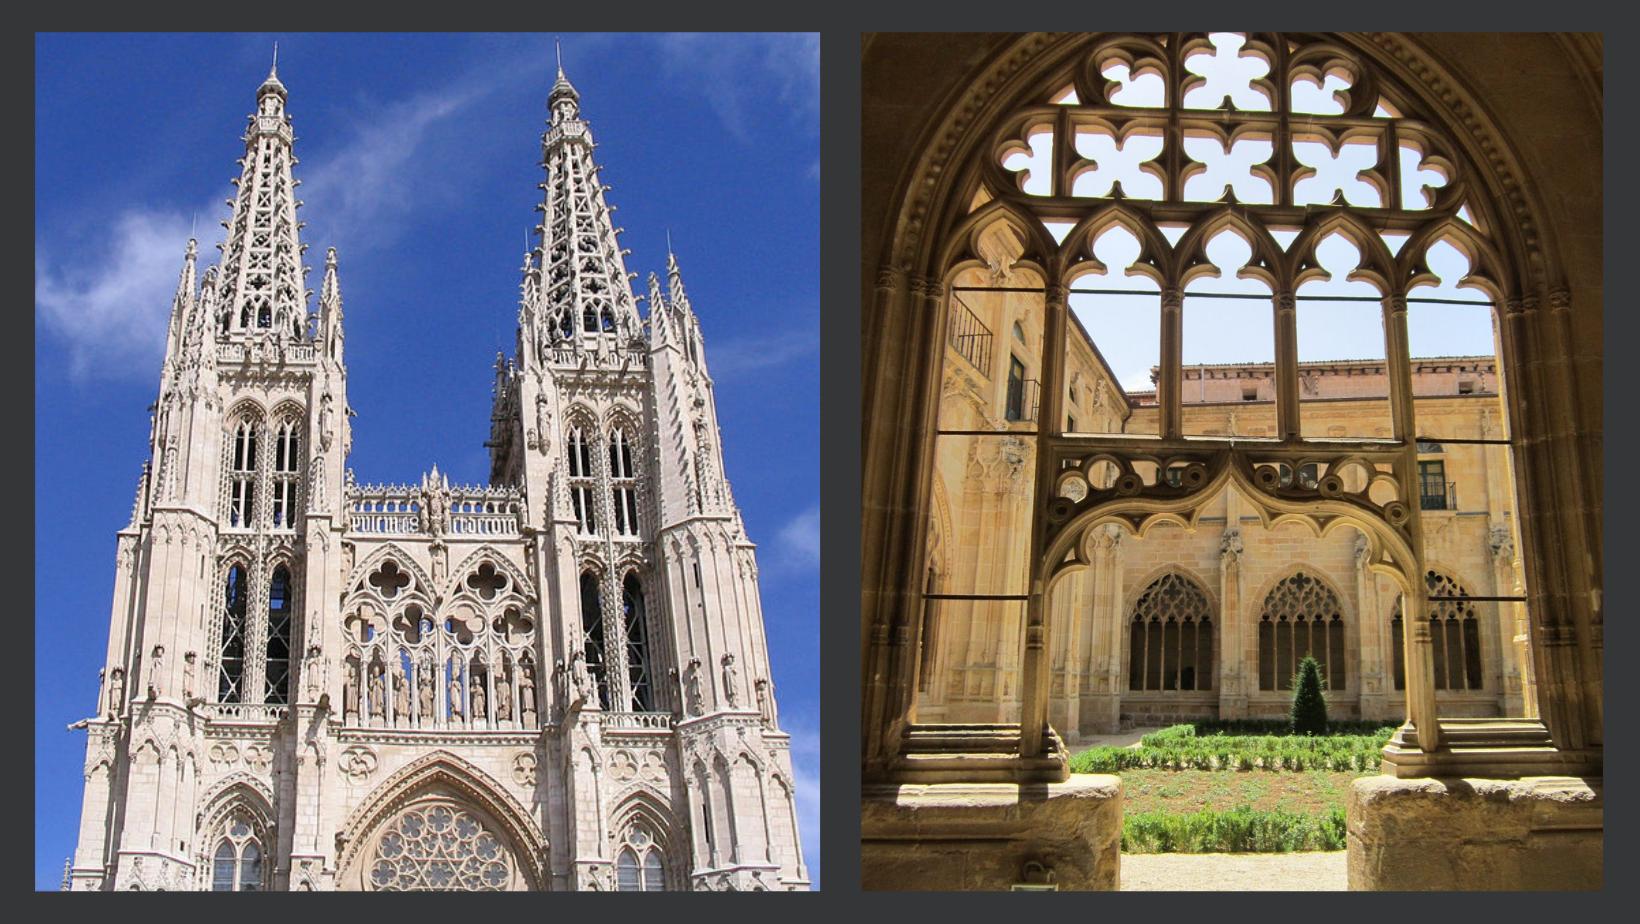 En este momento estás viendo La catedral de Burgos y el monasterio de san Salvador de Oña